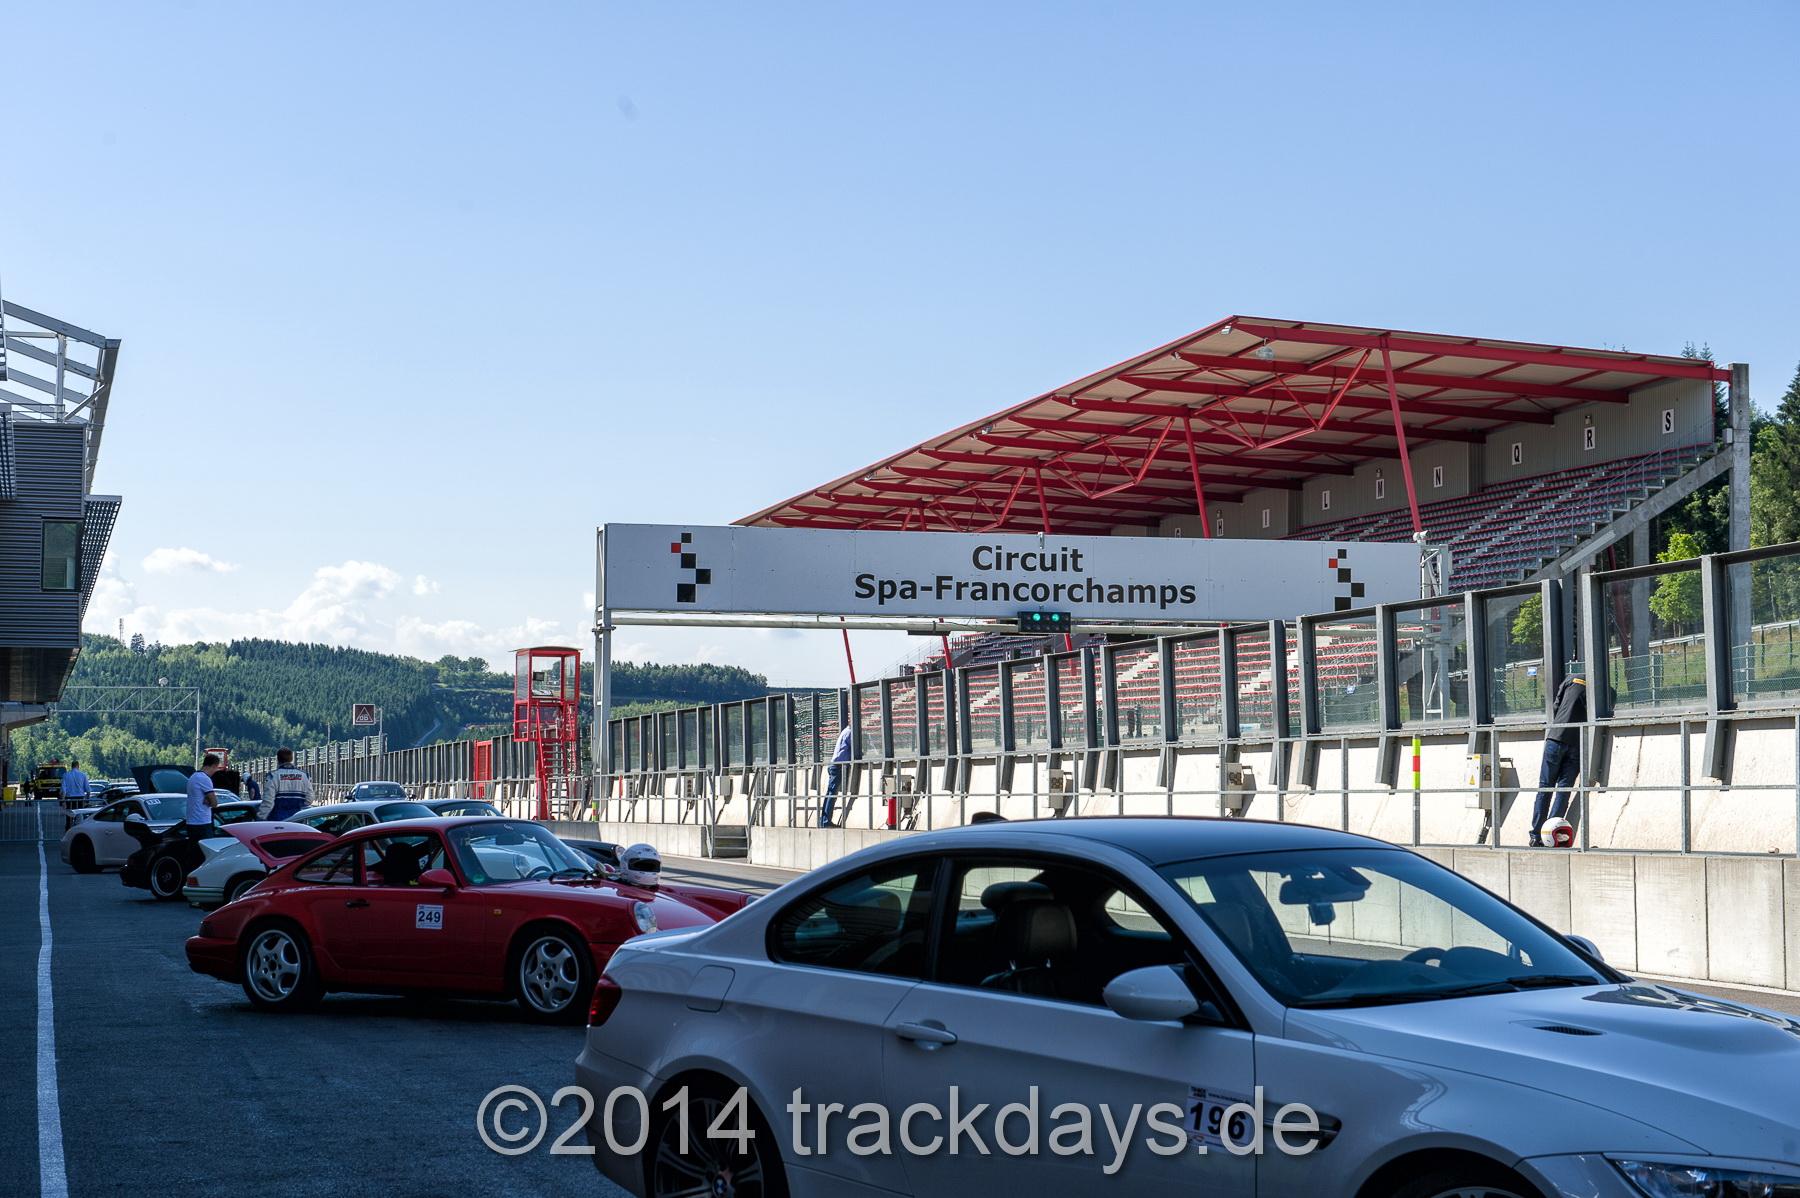 Trackdays 2x Spa / 2 x Nordschleife 2017!